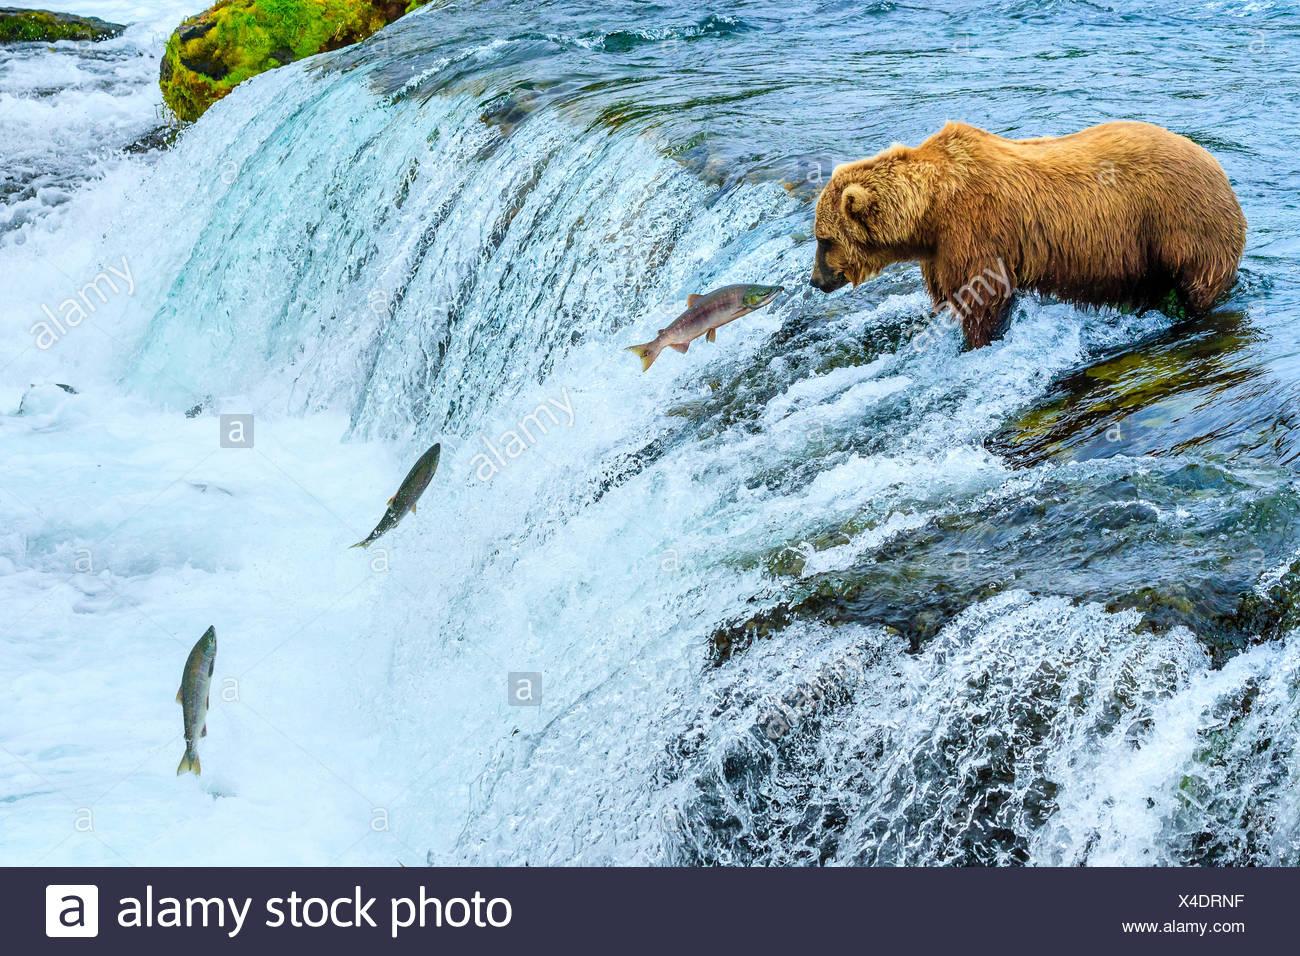 Orso bruno Ursus arctos, la pesca al Salmone Sockeye presso Brooks Falls. Immagini Stock